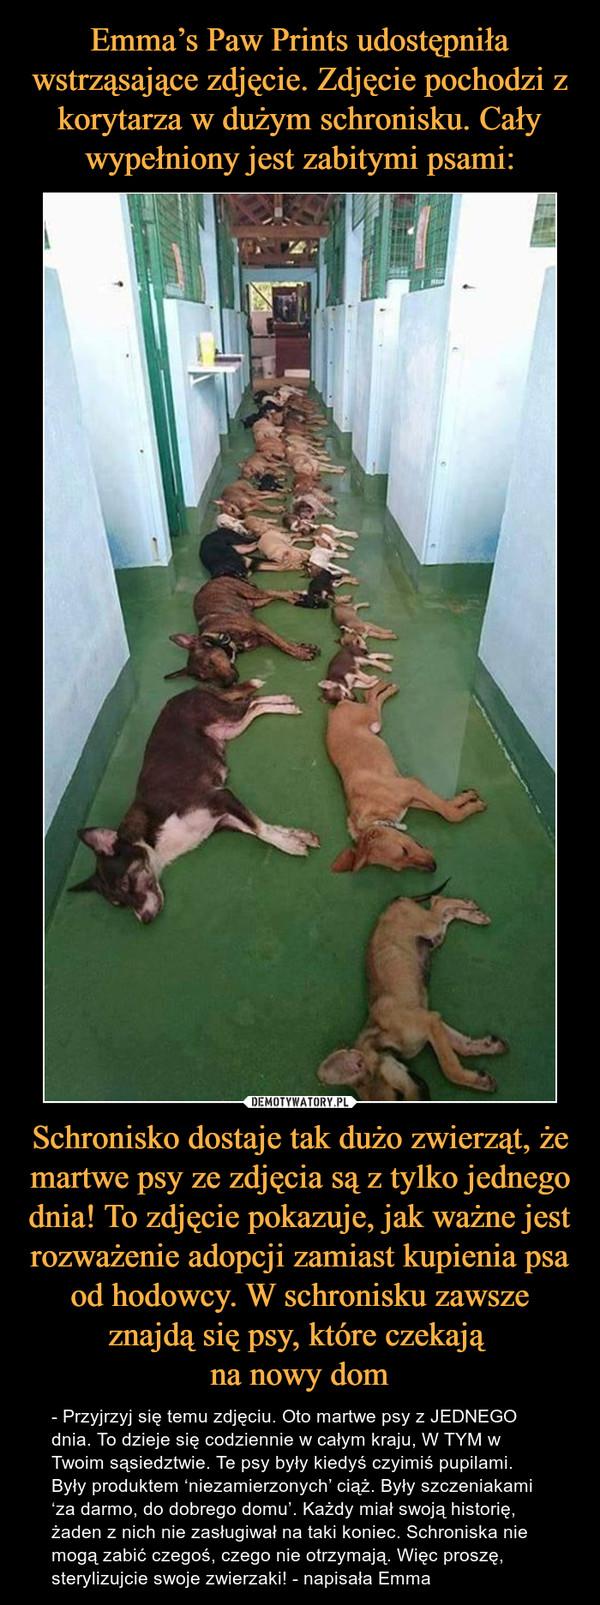 Schronisko dostaje tak dużo zwierząt, że martwe psy ze zdjęcia są z tylko jednego dnia! To zdjęcie pokazuje, jak ważne jest rozważenie adopcji zamiast kupienia psa od hodowcy. W schronisku zawsze znajdą się psy, które czekają na nowy dom – - Przyjrzyj się temu zdjęciu. Oto martwe psy z JEDNEGO dnia. To dzieje się codziennie w całym kraju, W TYM w Twoim sąsiedztwie. Te psy były kiedyś czyimiś pupilami. Były produktem 'niezamierzonych' ciąż. Były szczeniakami 'za darmo, do dobrego domu'. Każdy miał swoją historię, żaden z nich nie zasługiwał na taki koniec. Schroniska nie mogą zabić czegoś, czego nie otrzymają. Więc proszę, sterylizujcie swoje zwierzaki! - napisała Emma